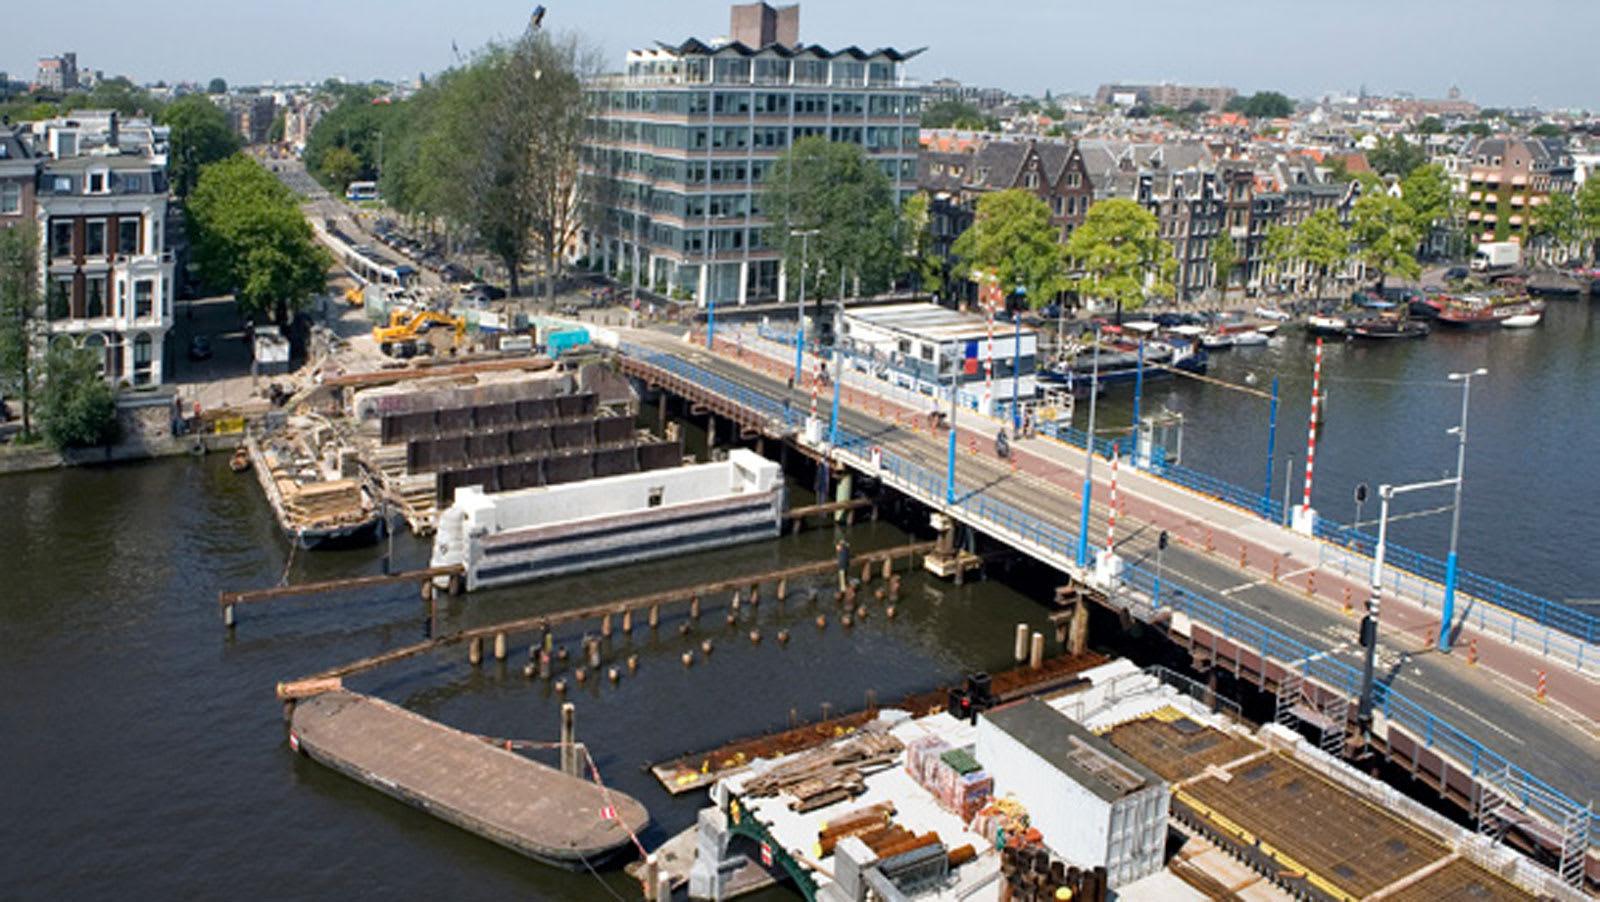 أمستردام على حافة الانهيار..كيف تخطط العاصمة الهولندية لإنقاذ بنيتها التحتية التاريخية؟